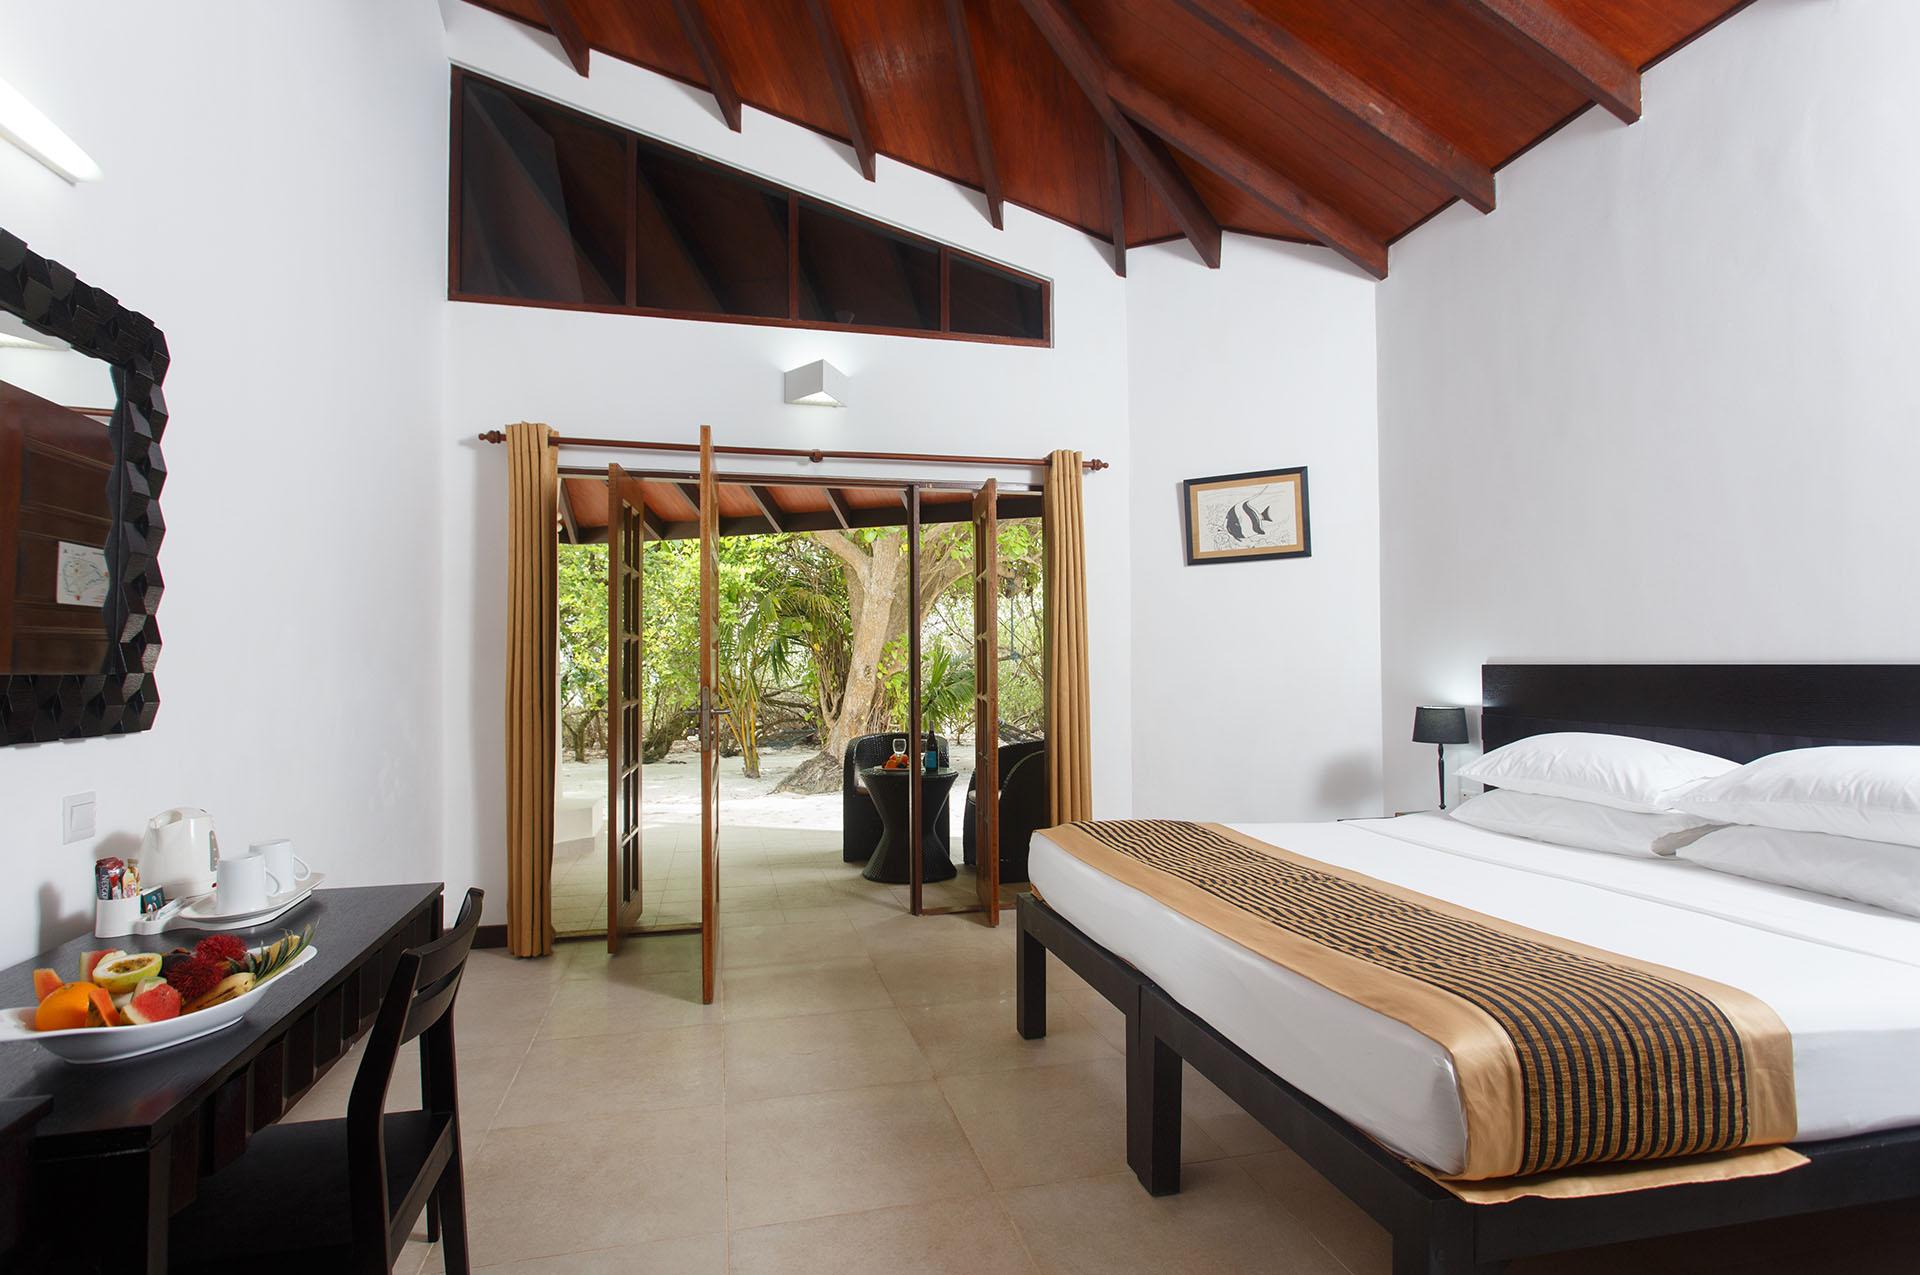 Embudu-Village-Superior-Bungalow-Interior